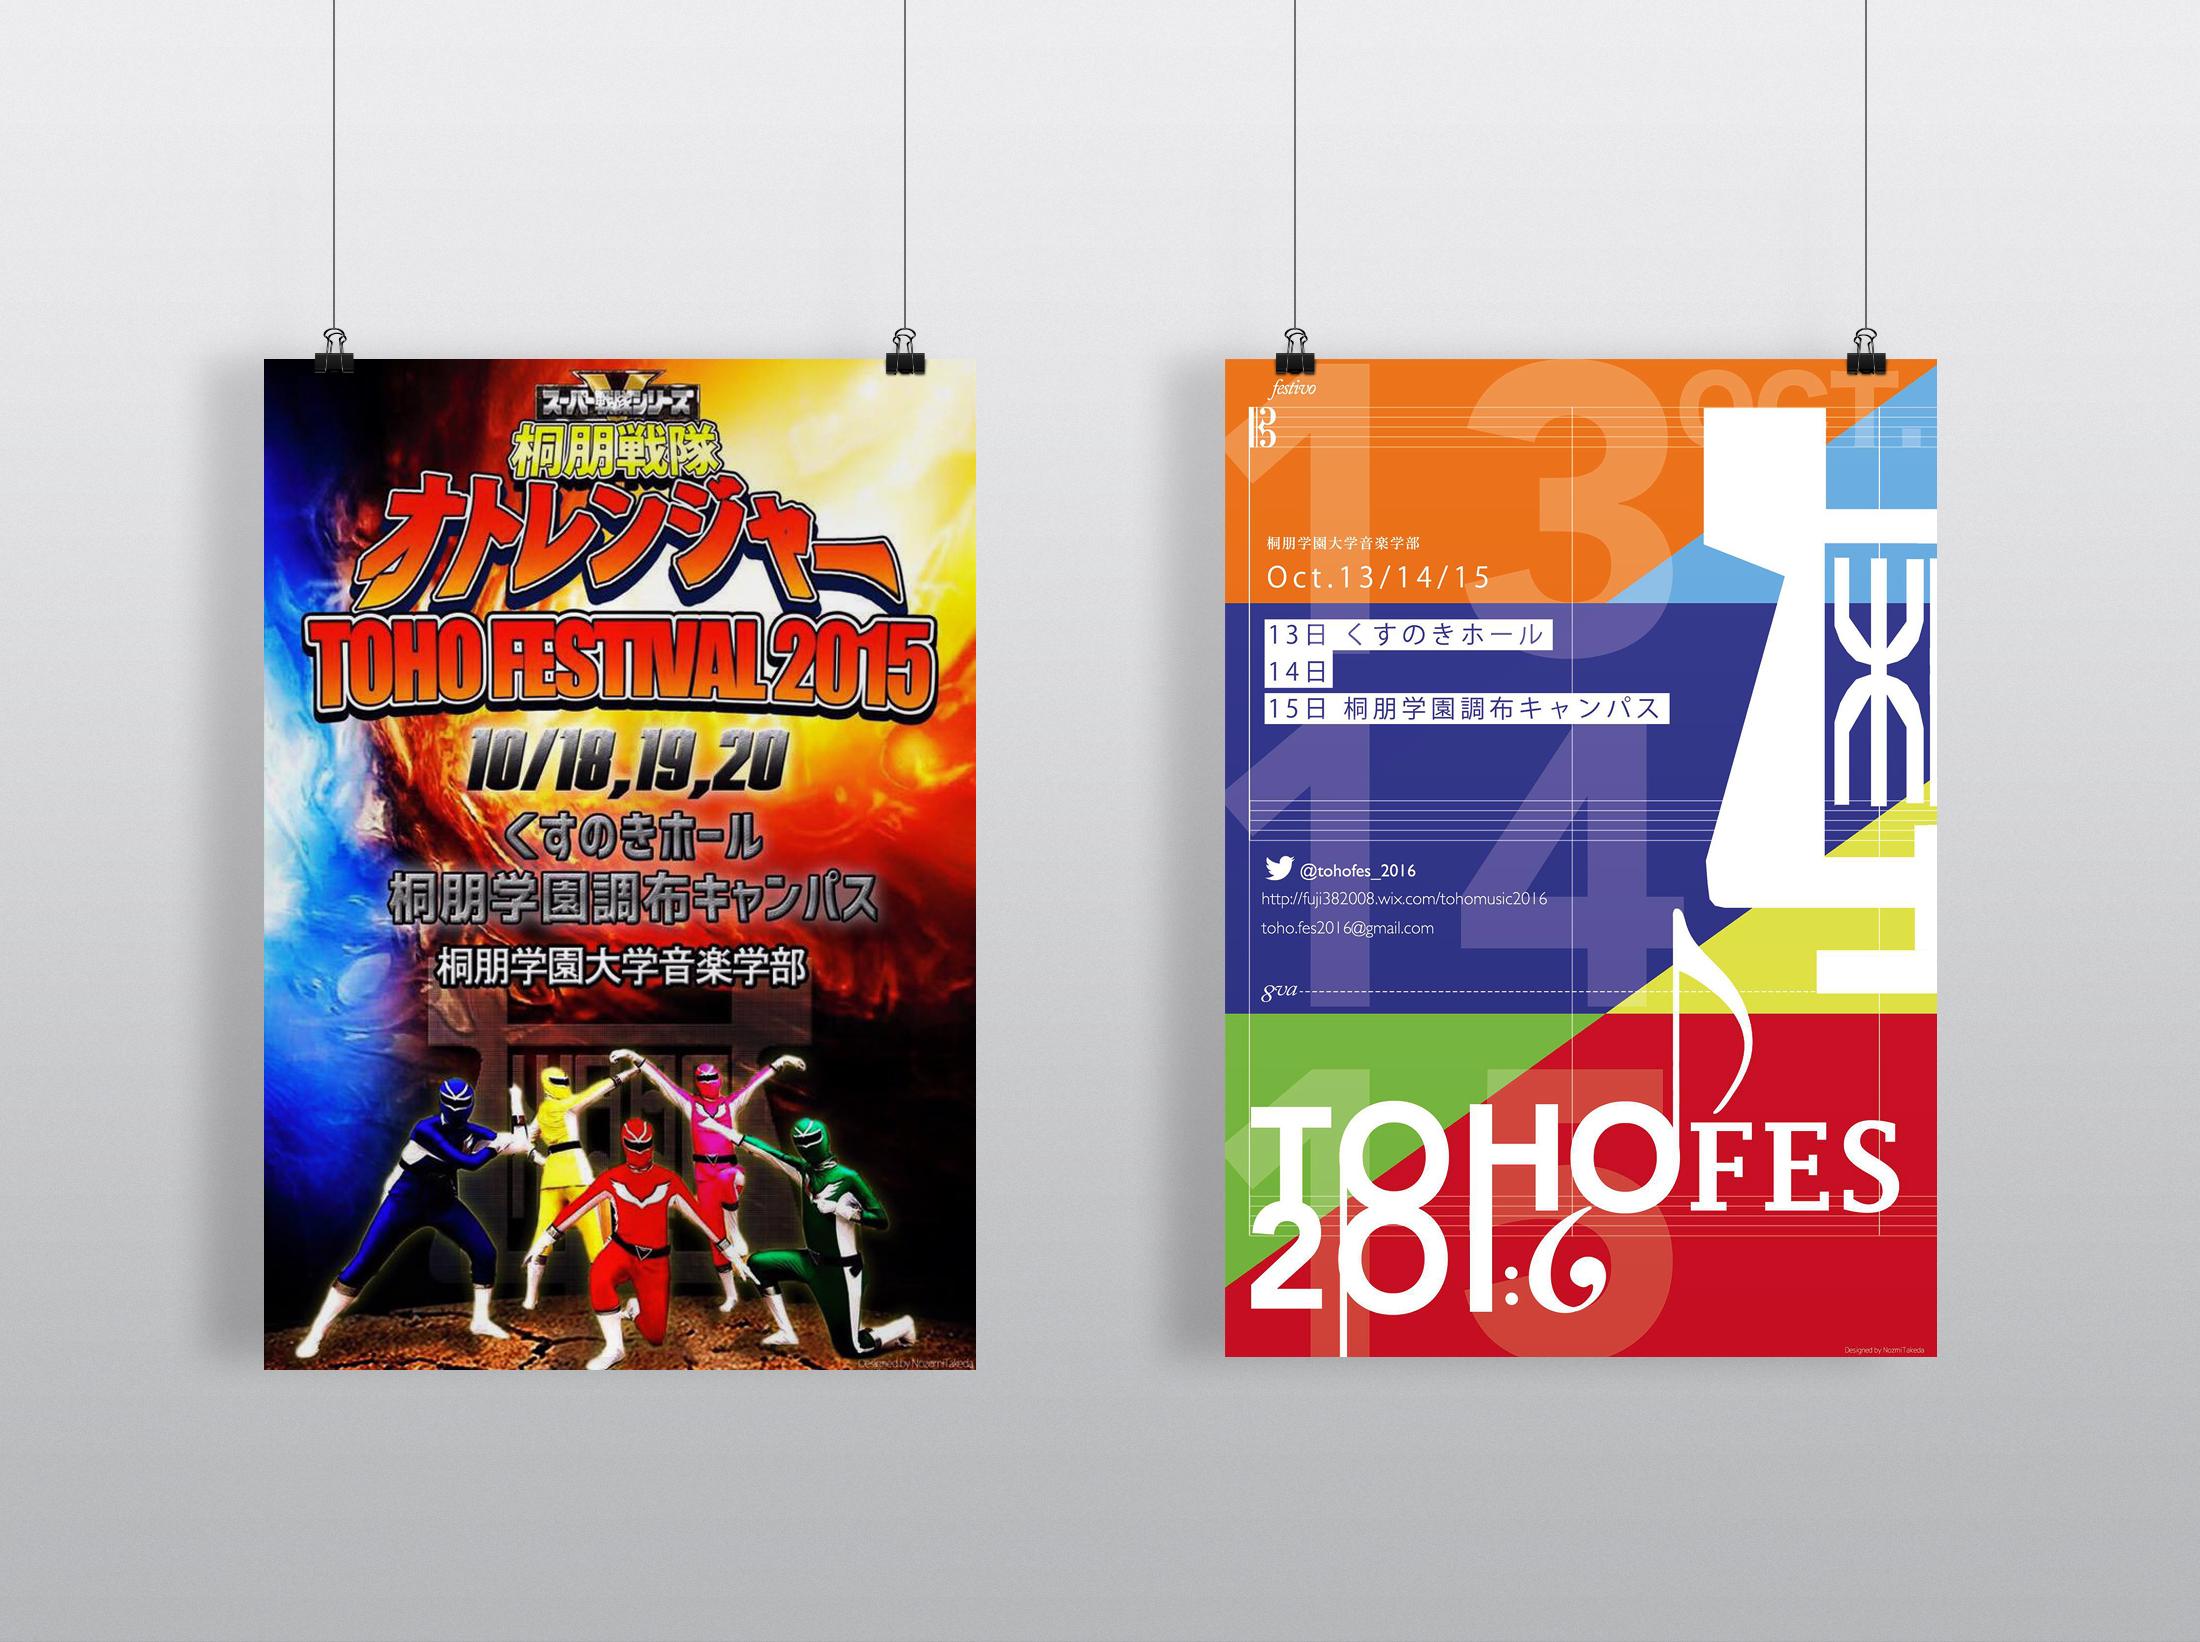 2015年度/2016年度 TOHOFES ポスター